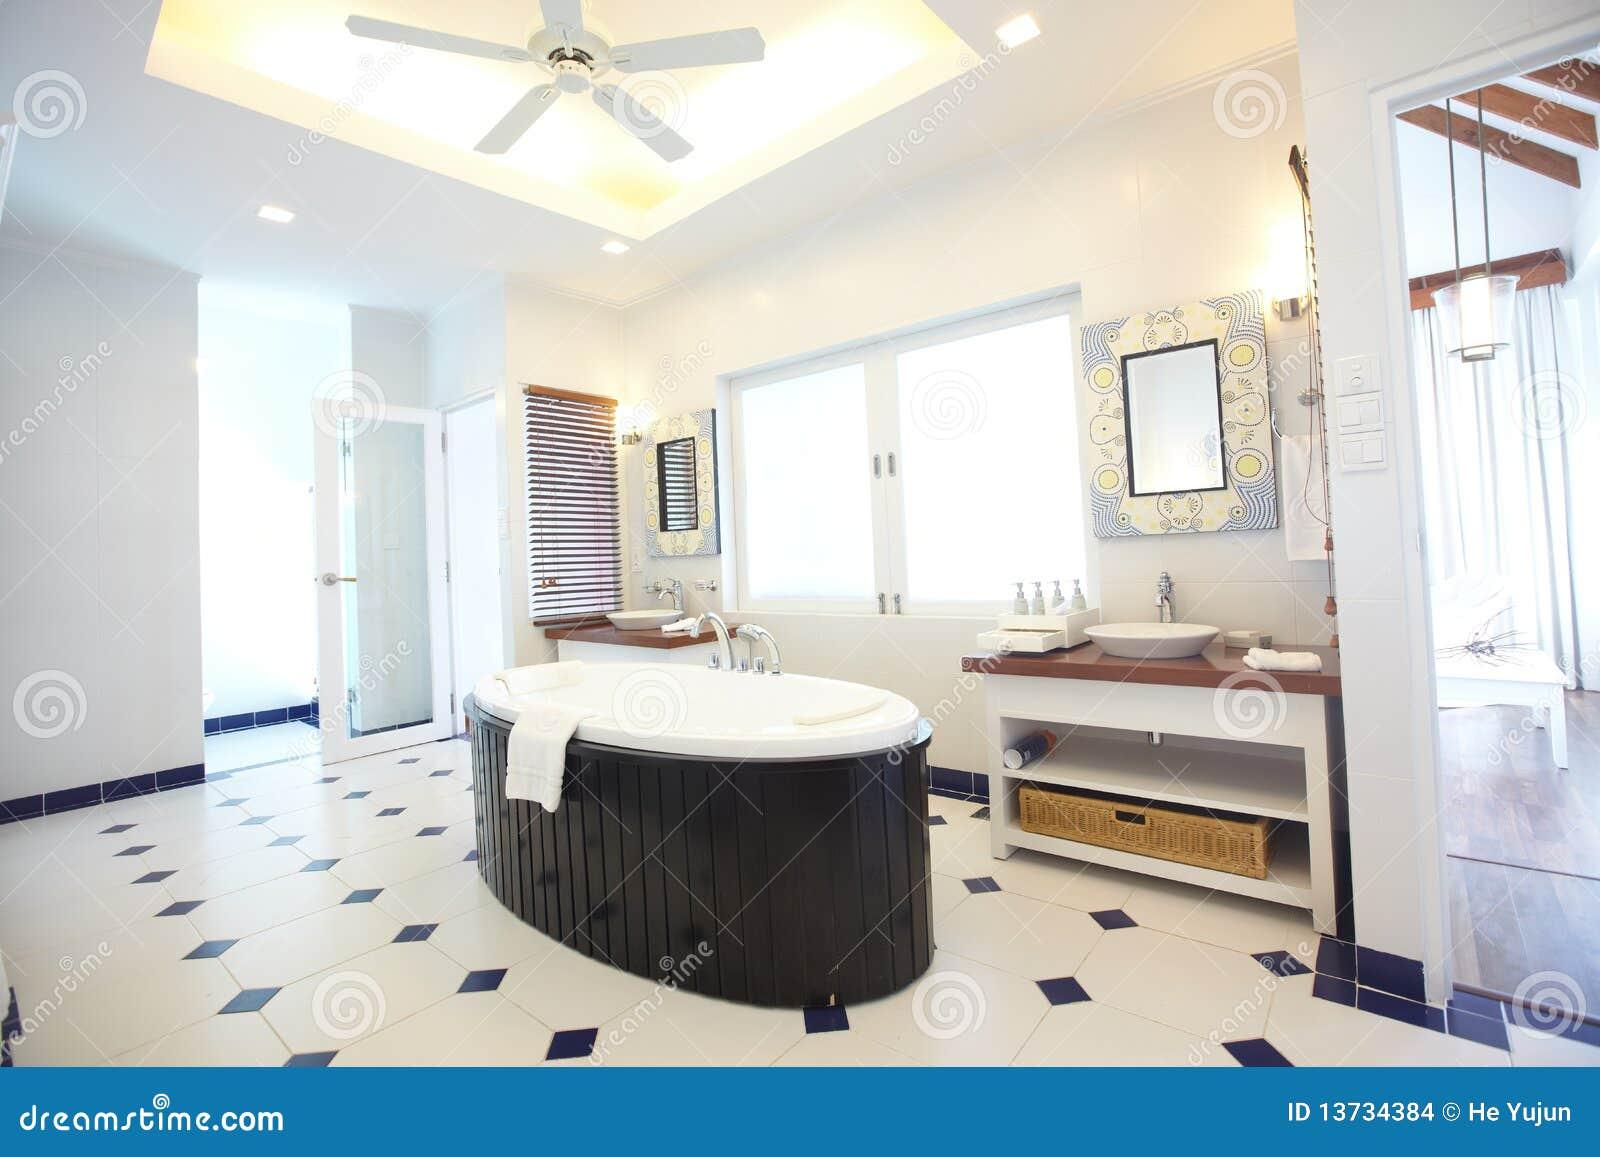 Banheiro Luxuoso Imagens de Stock Imagem: 13734384 #81A229 1300x957 Banheiro De Hotel De Luxo